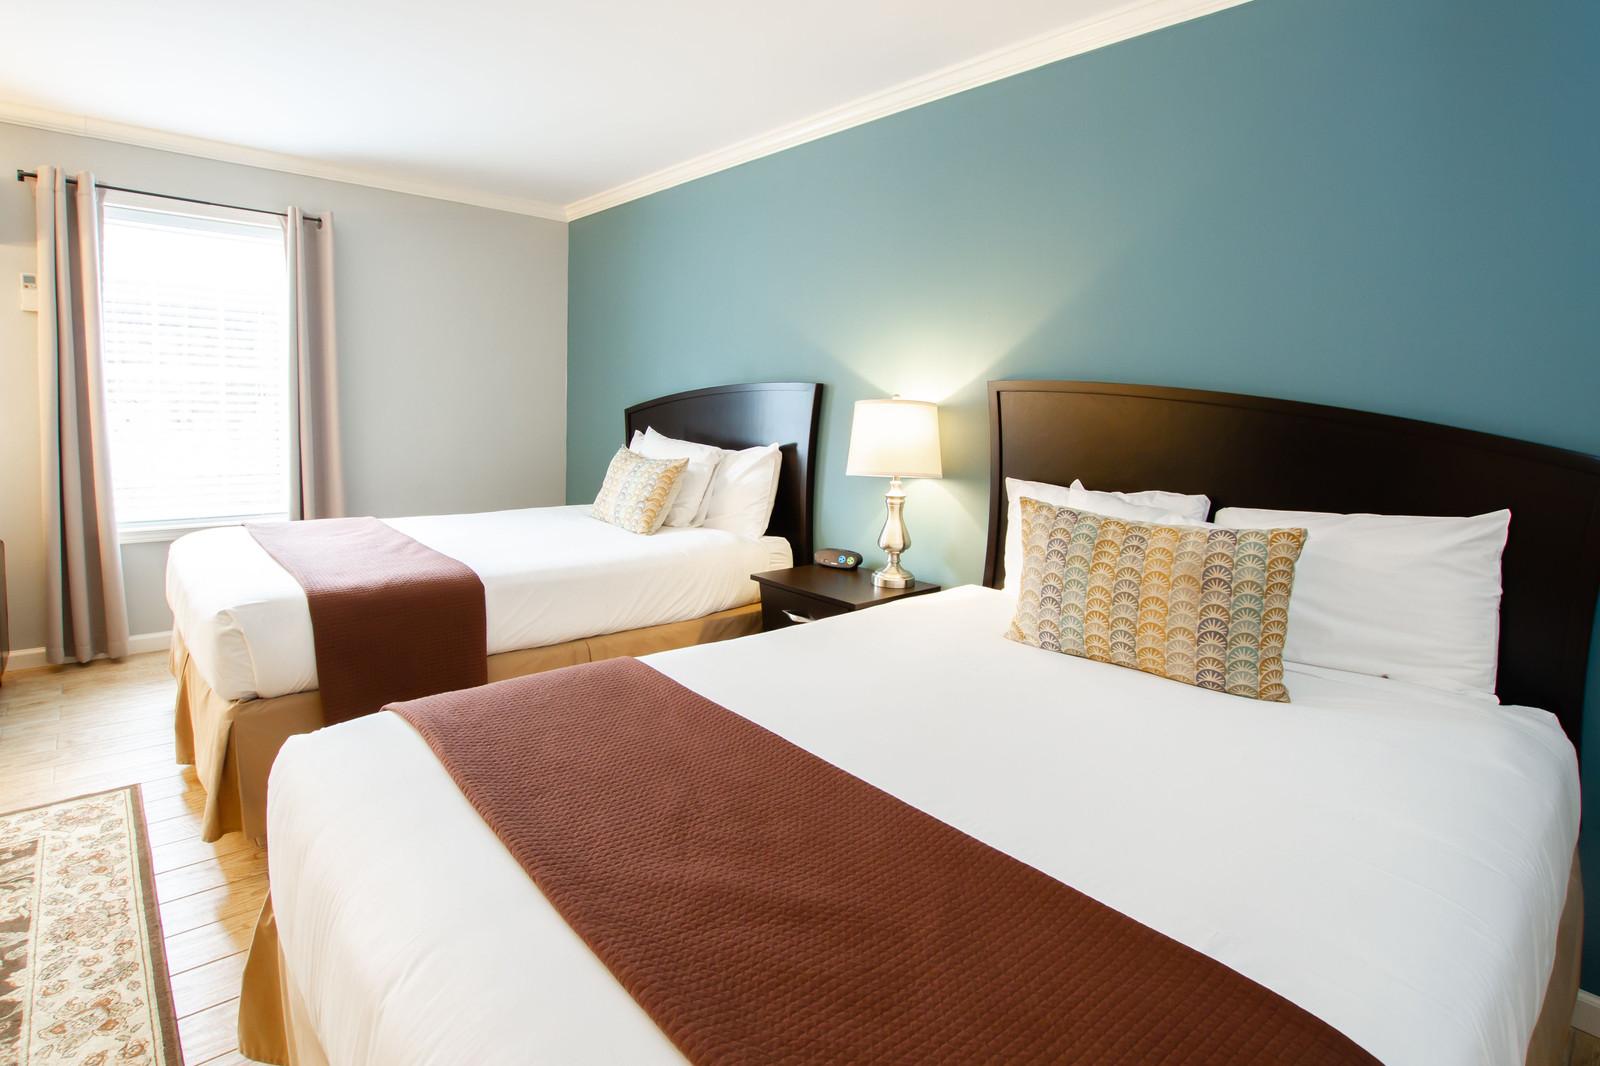 The Dahlonega Square Hotel Amp Villas Dsh Transportation